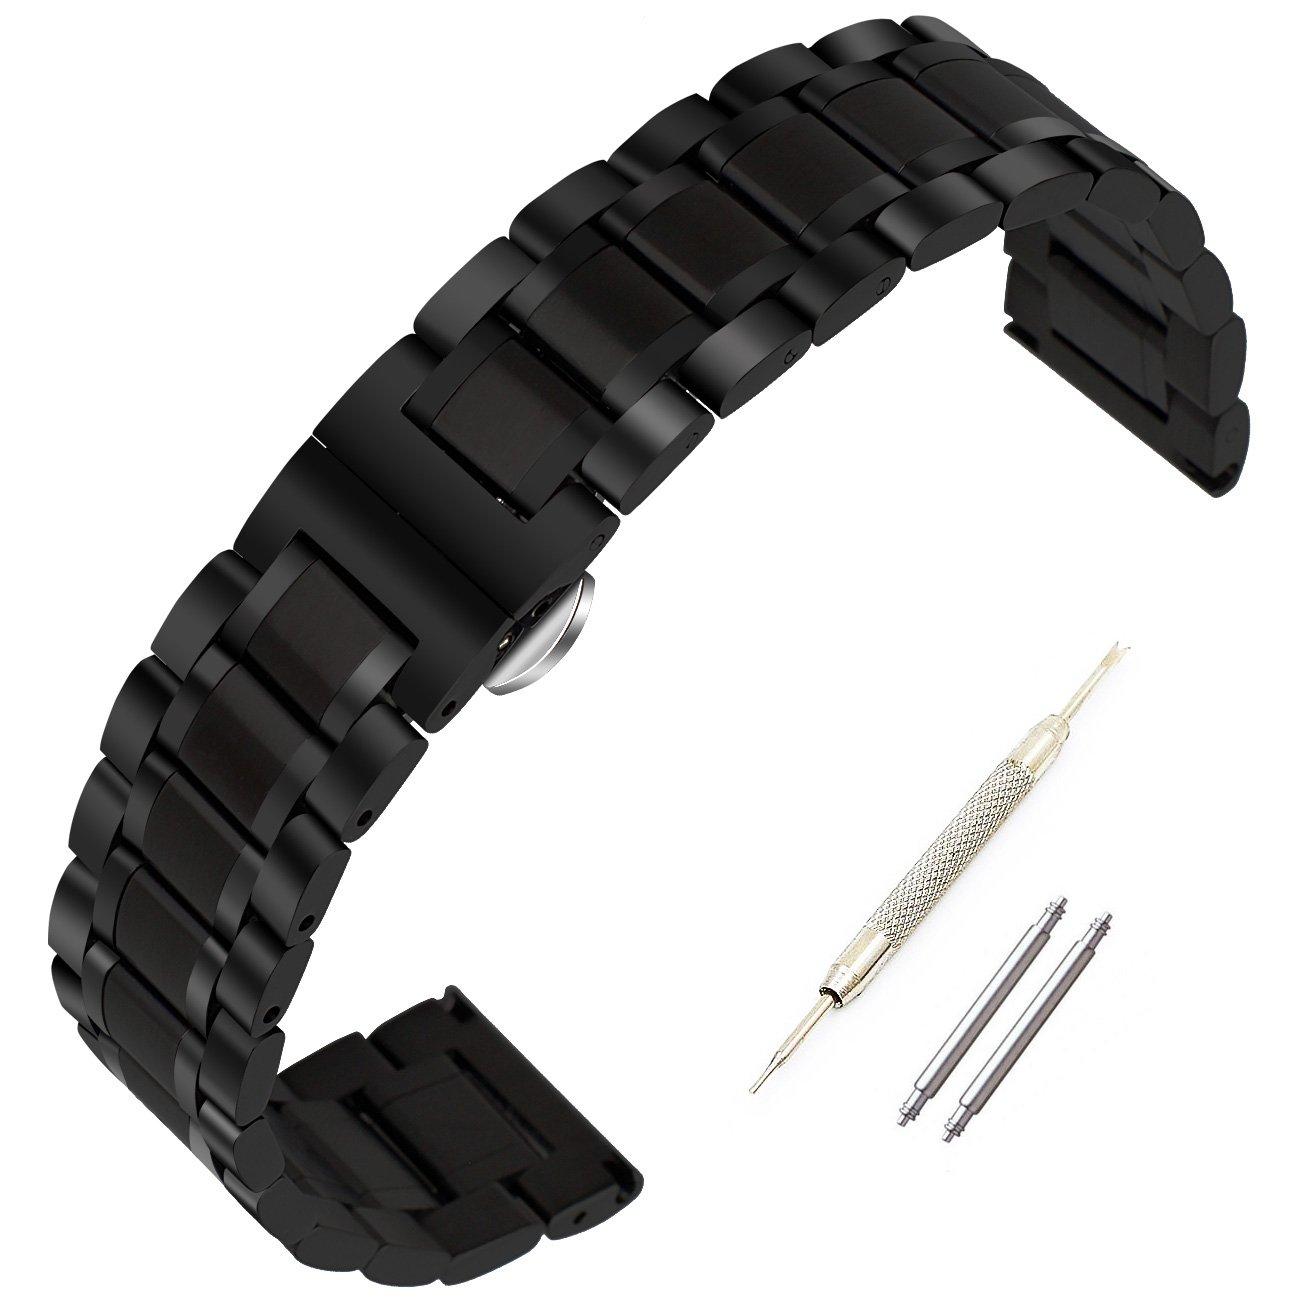 ブラックスチールバンドゴールドスチールストラップfor Pebble Time Steel、クラシック、G Watch [ 16 mm、18 mm、20 mm、22 mm、24 mm ] 24mm ブラック 24mm|ブラック ブラック 24mm B0728KTTH4